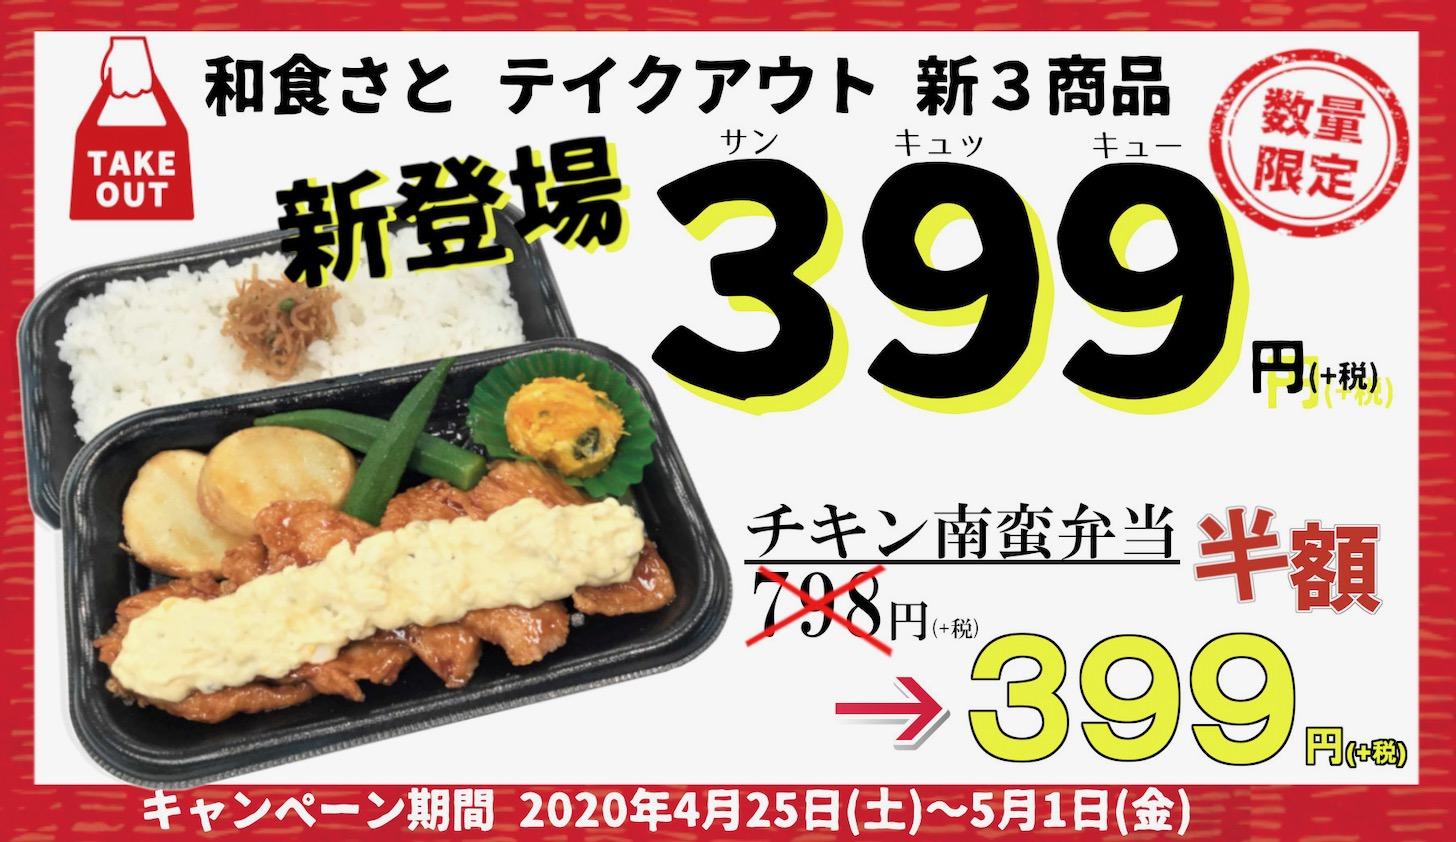 5月1日まではチキン南蛮弁当などが399円!